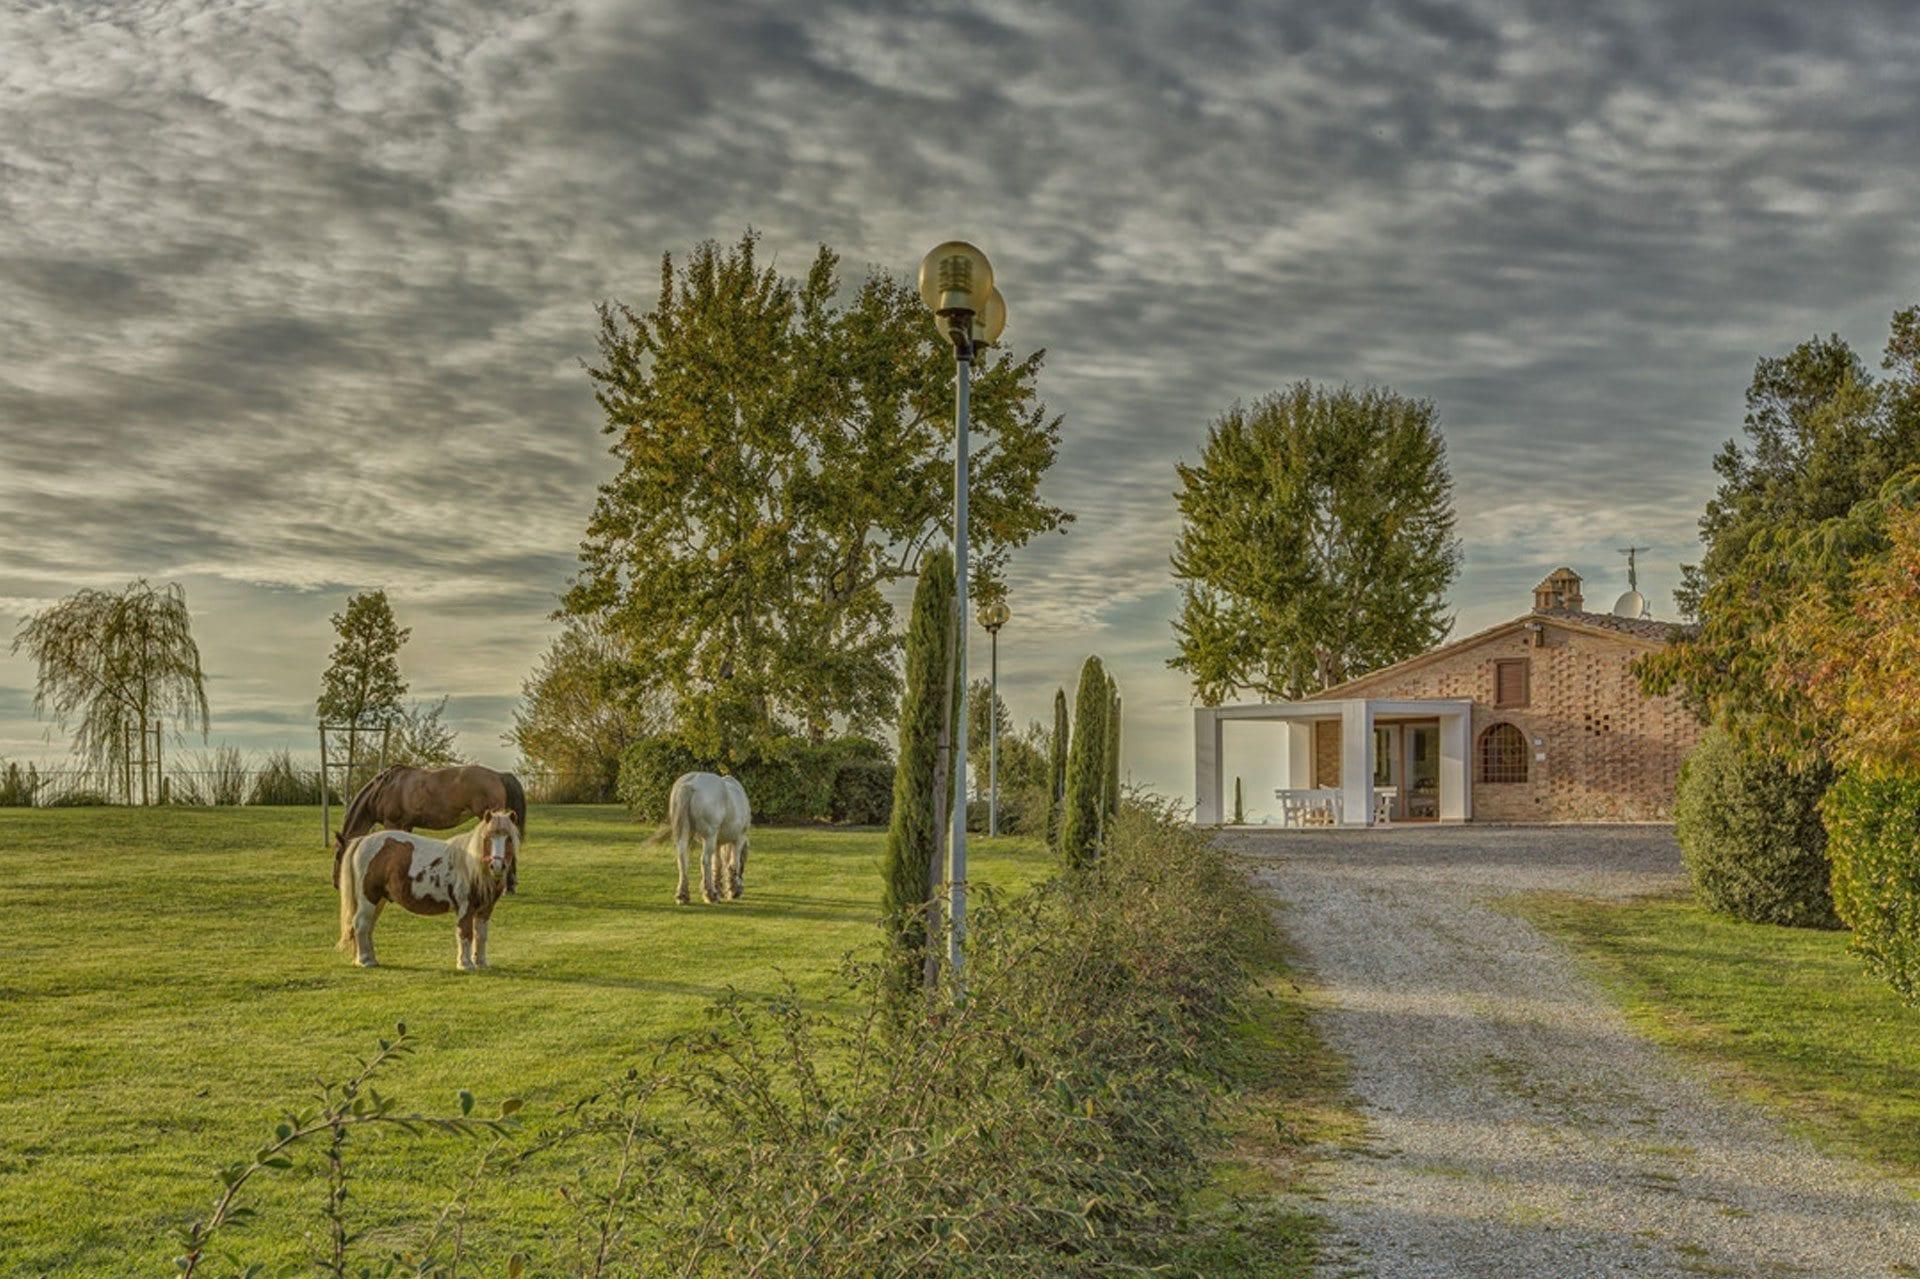 Ferienwohnung Toskana mit hund